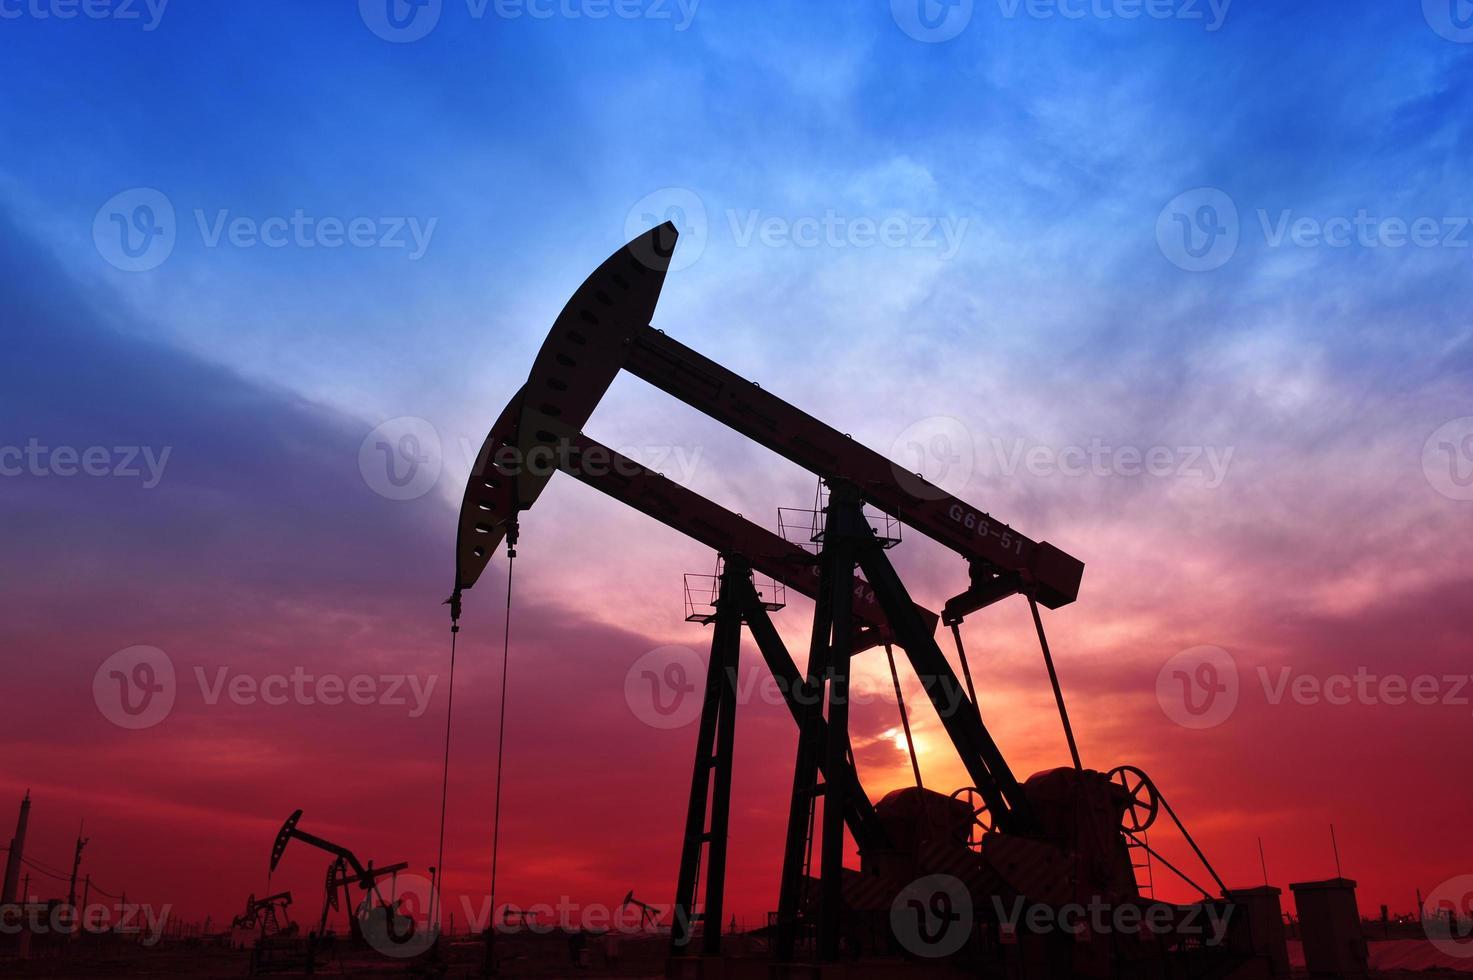 la bomba de aceite foto